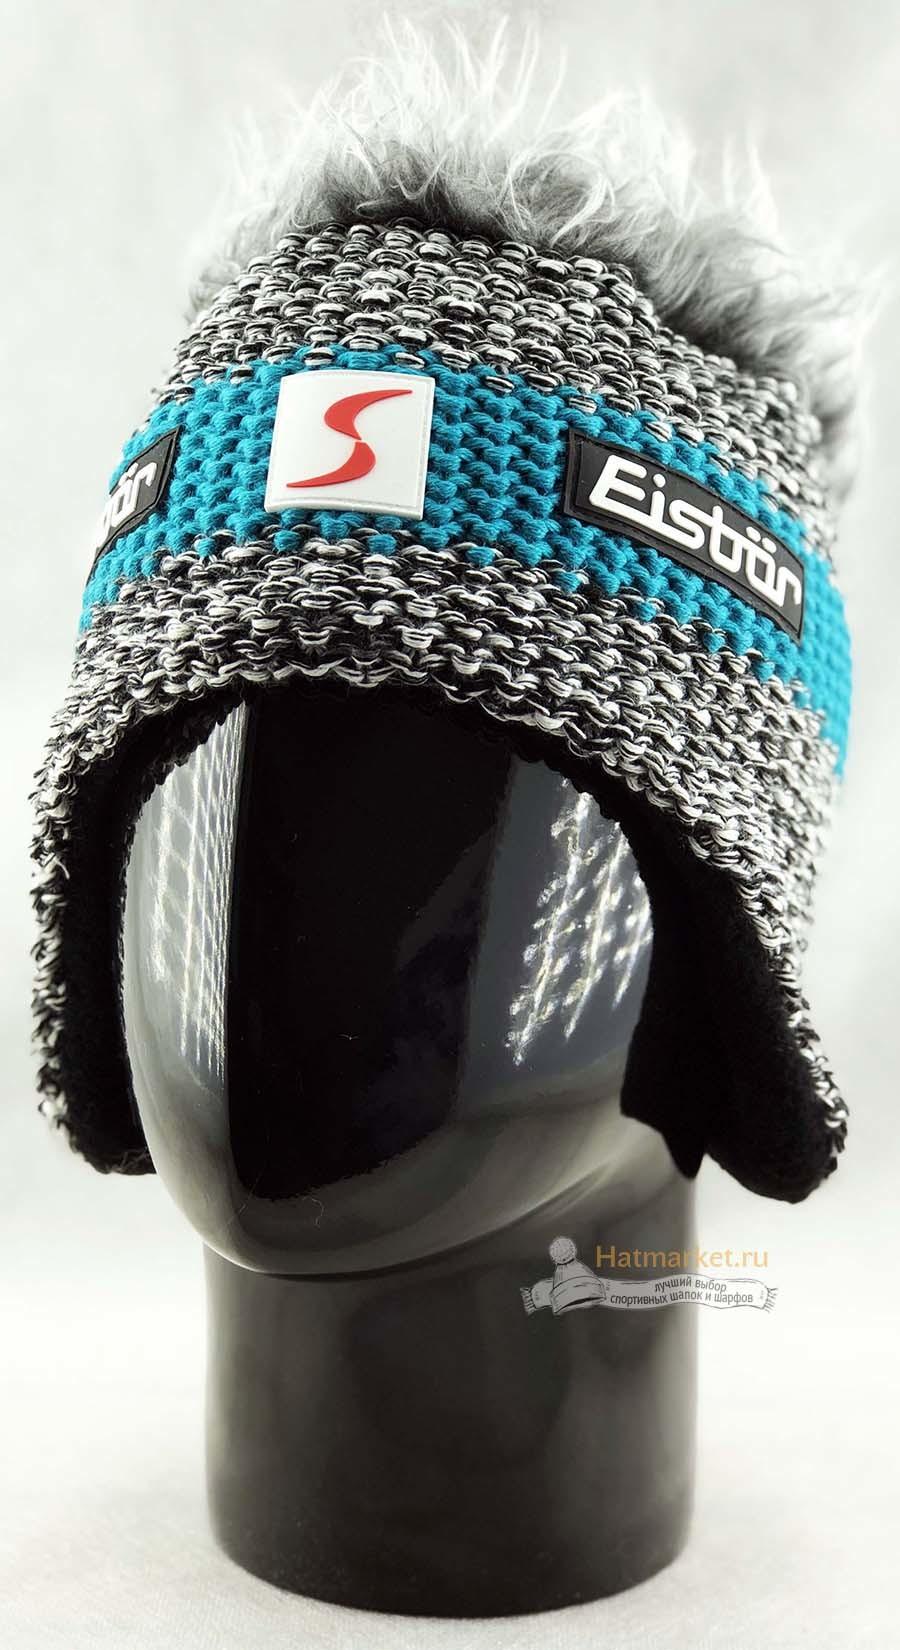 Шапка с волосами Eisbar Styler Cocker SP 661